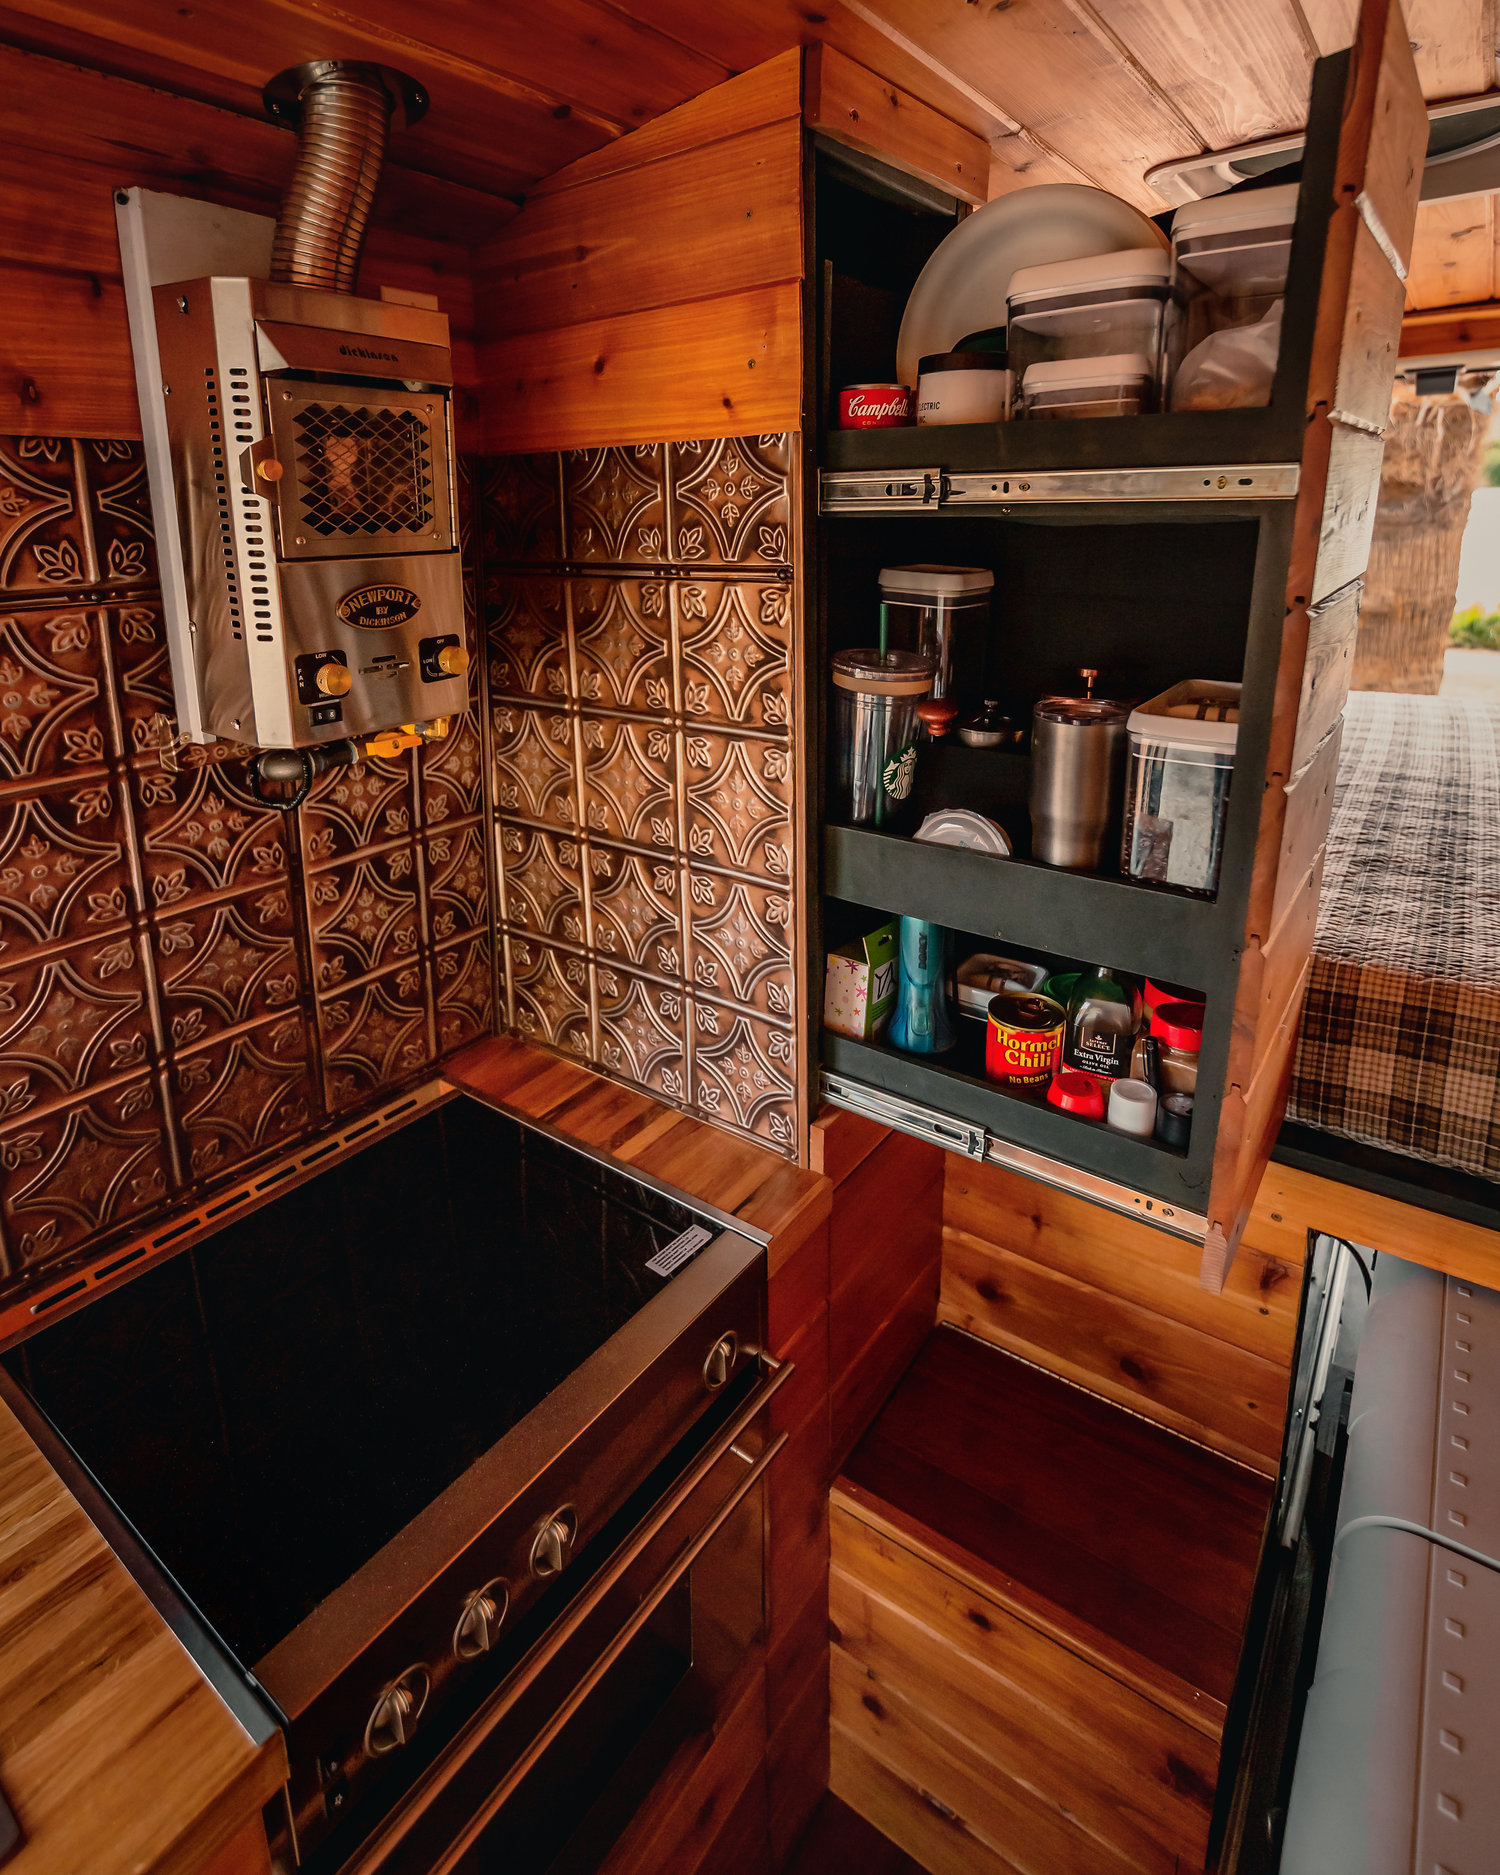 Kitchen worktop with spice rack